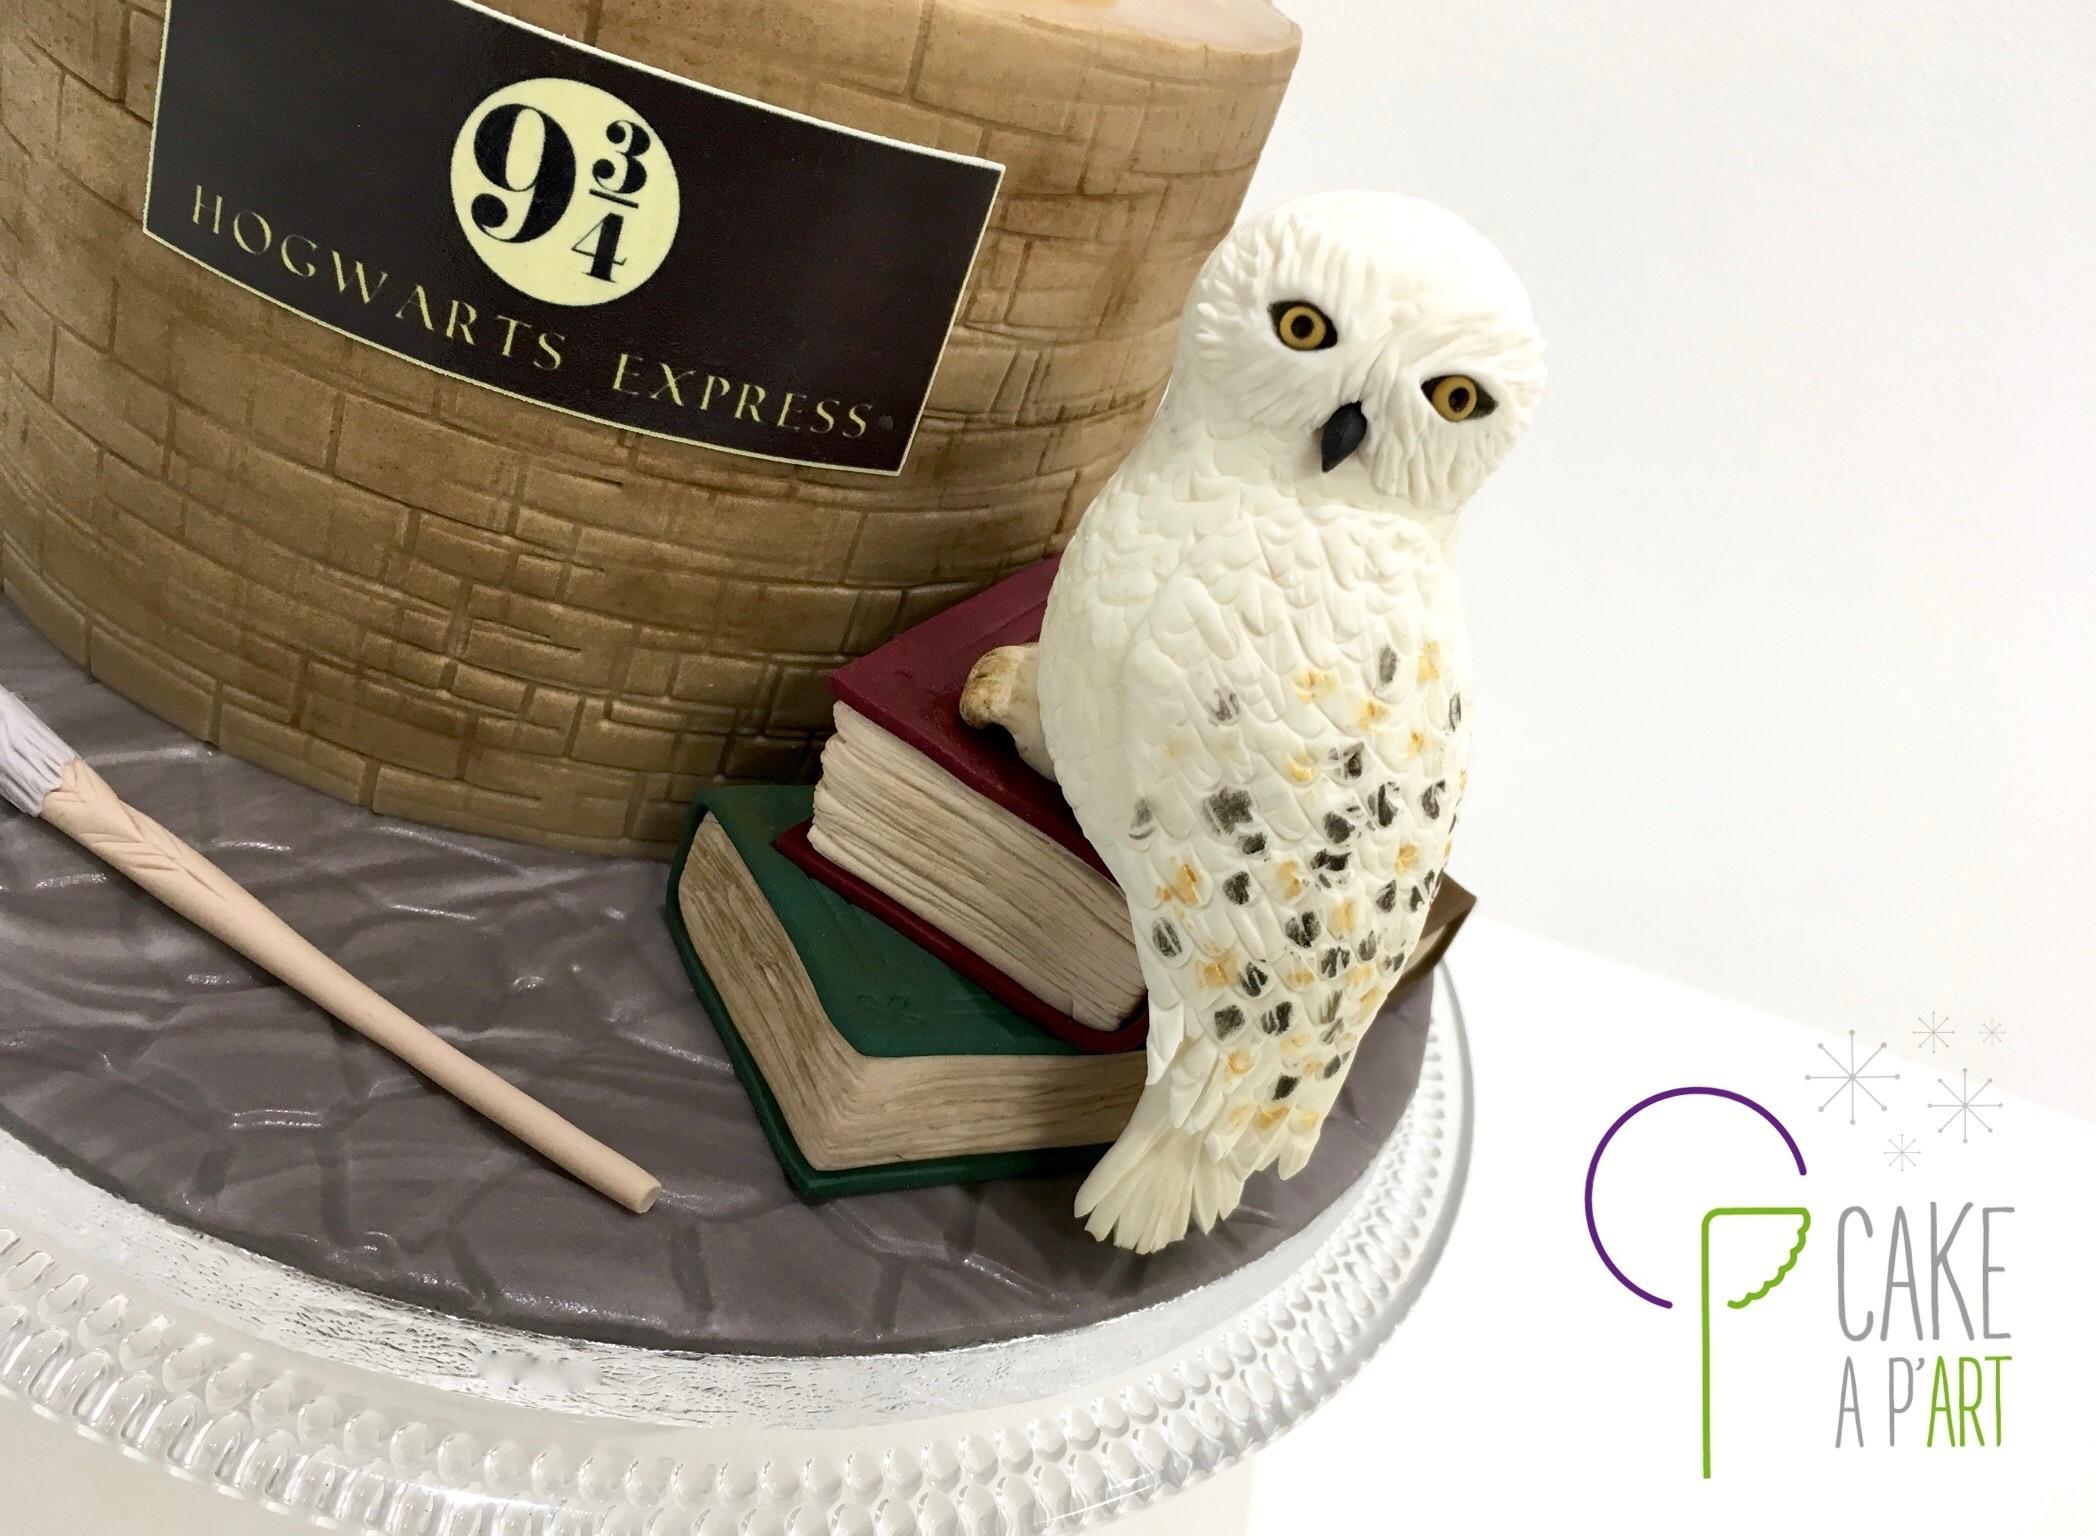 Décor modelage en sucre gâteaux personnalisés - Anniversaire Thème Harry Potter chouette Hedwige